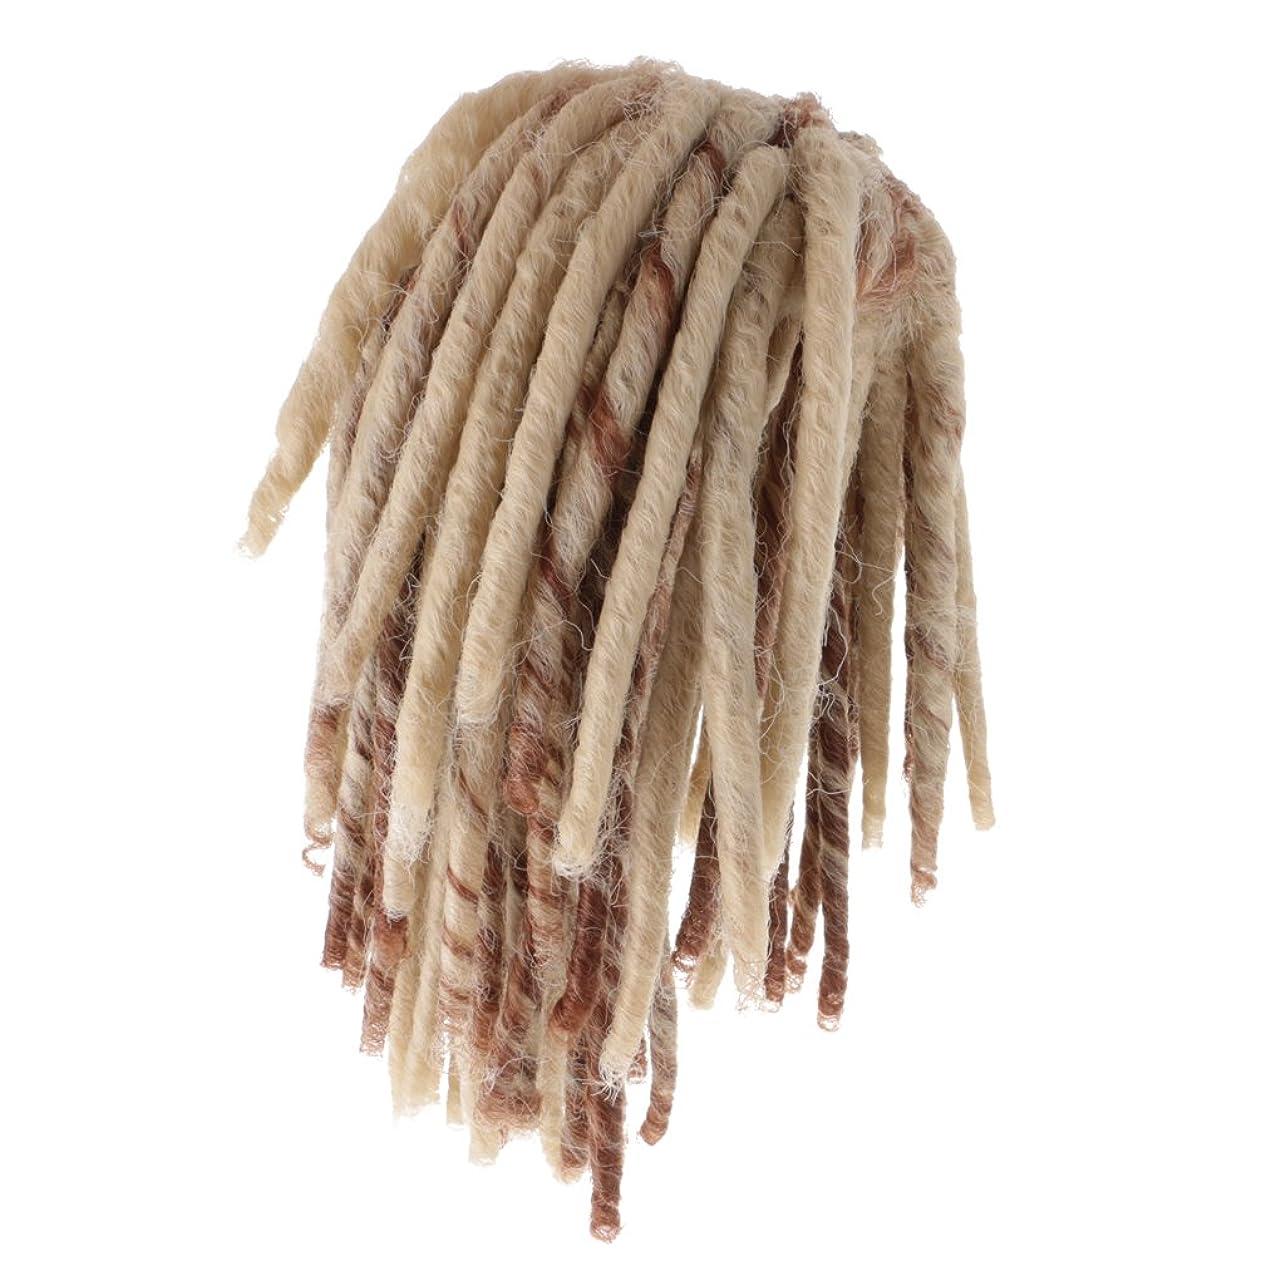 緩める副キャンプDovewill 人形用ウィッグ  ドレッドかつら  カーリー かつら  髪 ヘア 18インチドール用  DIY修理用品  全2色  - ブラウン